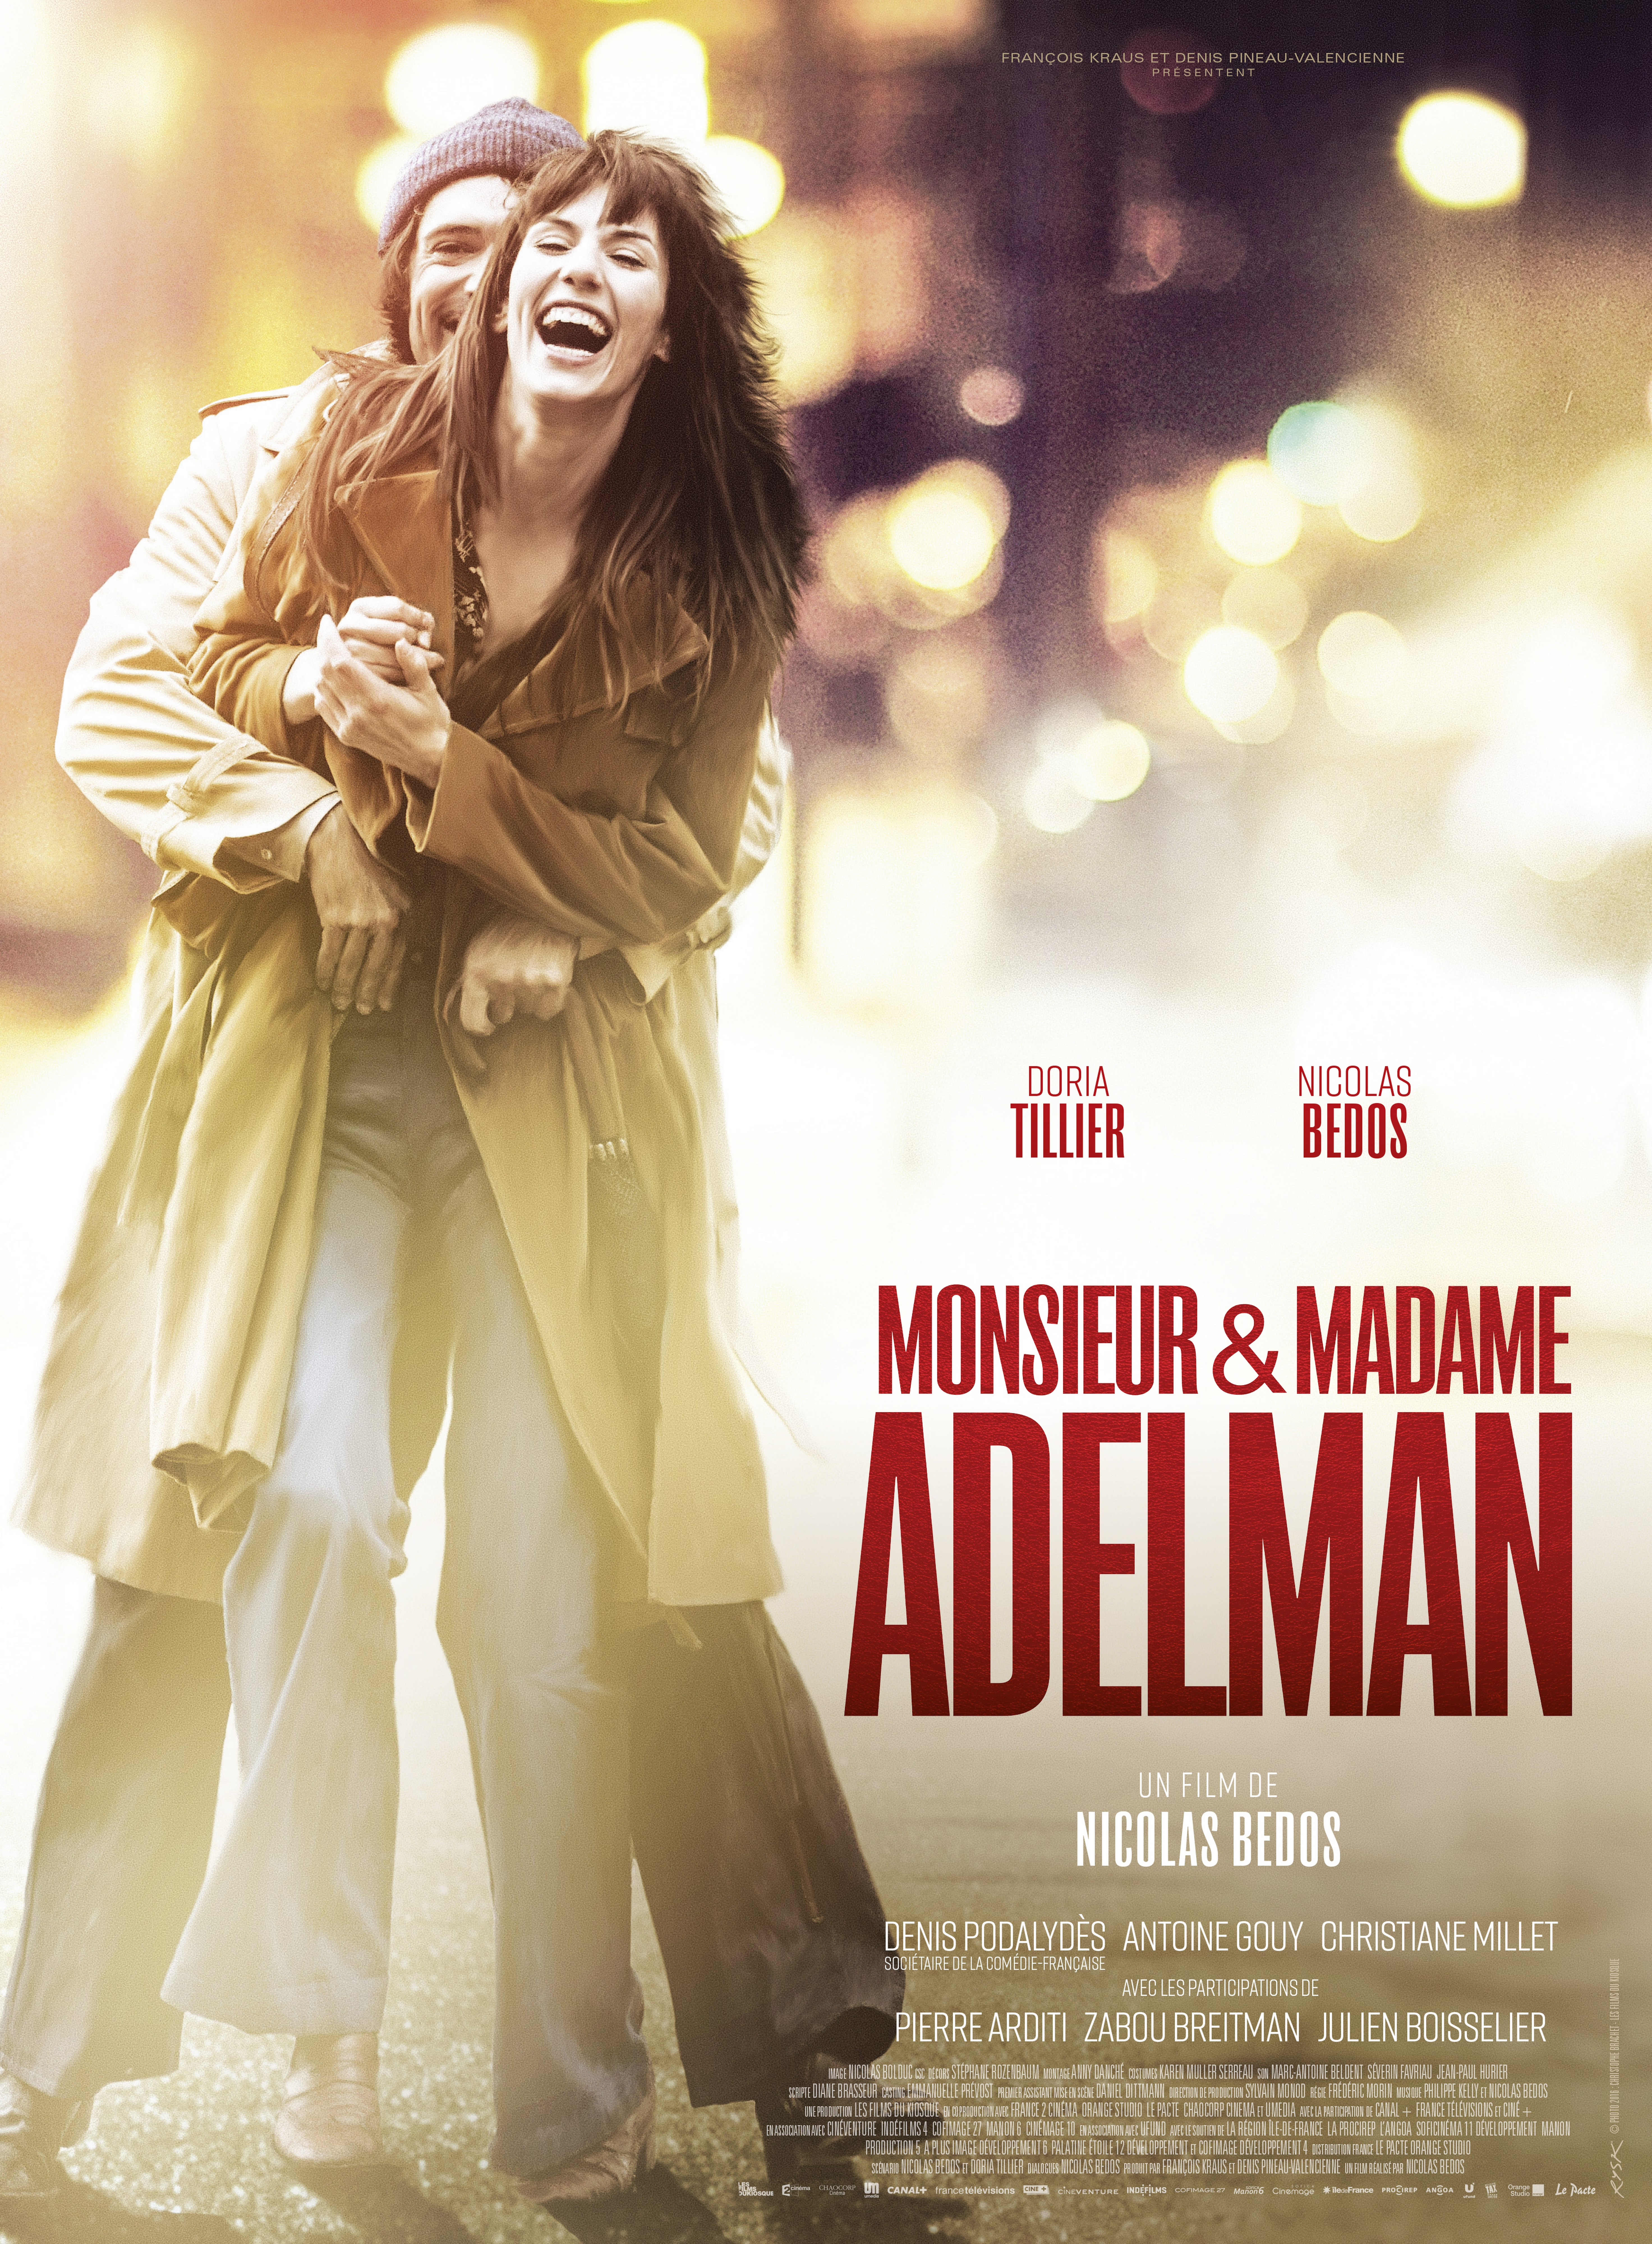 monsieur-madame-adelman-l-affiche-01.jpg